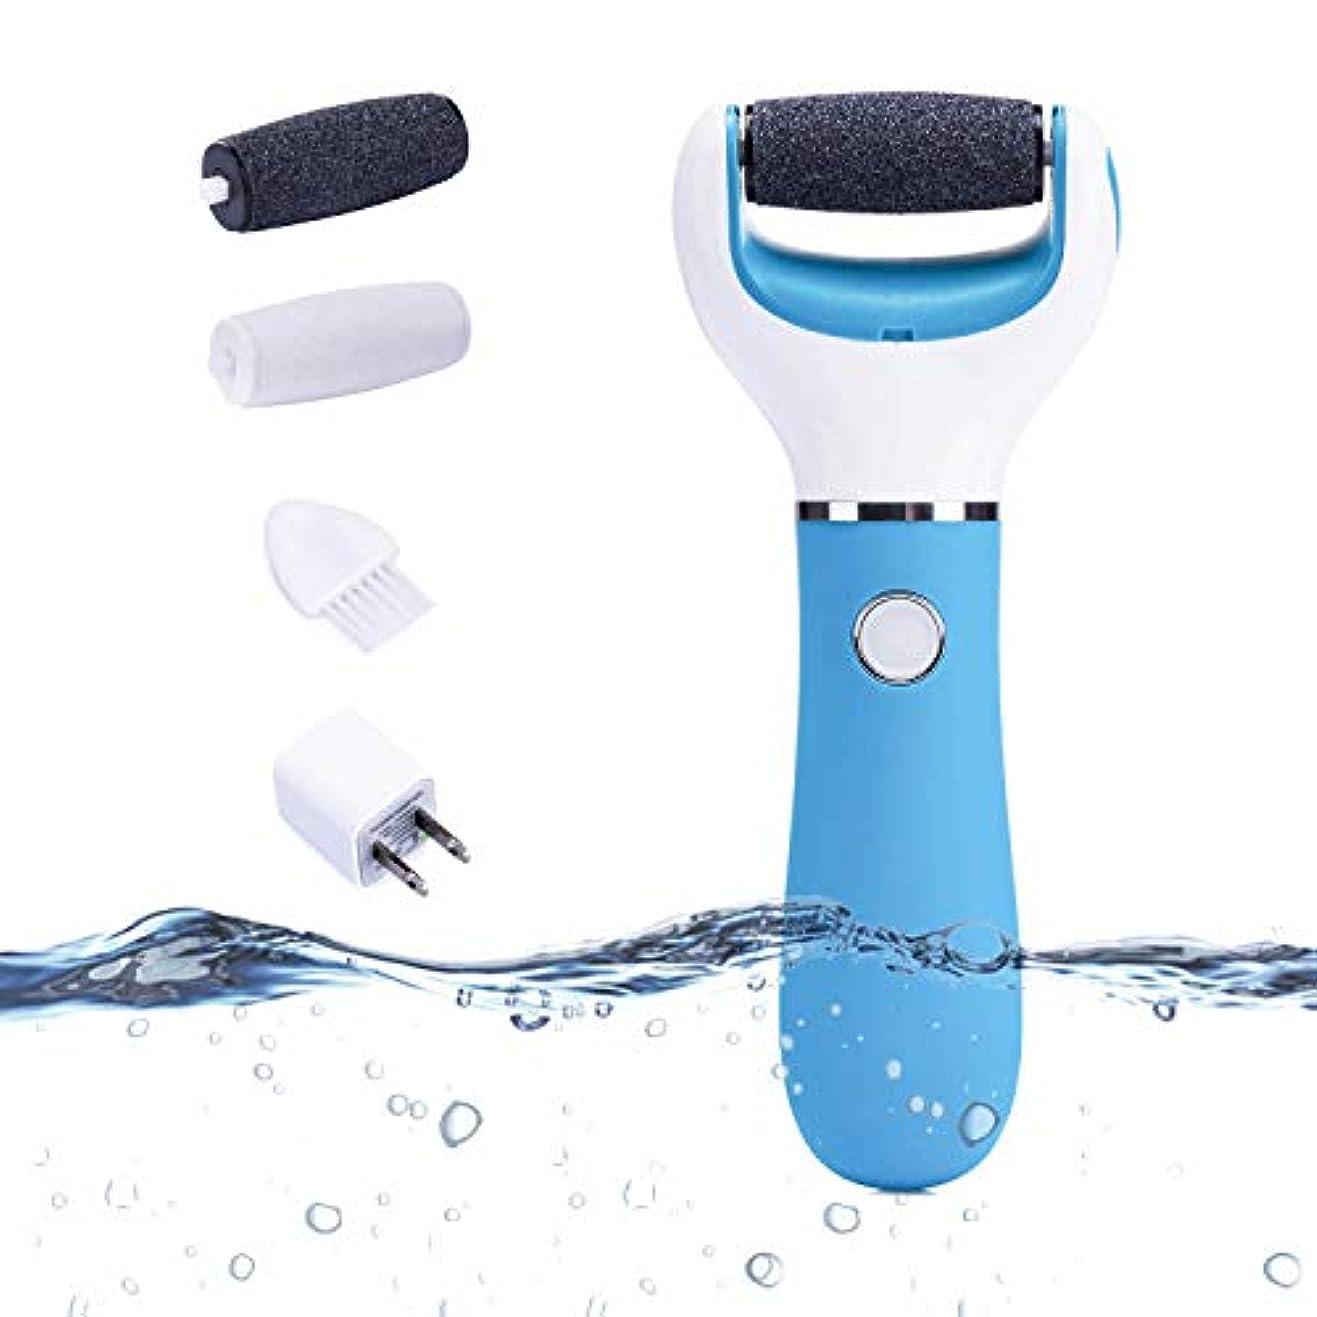 球状コントロール支援するLionWell 電動角質リムーバー USB充電式 防水 足ケア 軽石 角質取り 角質除去 改良版ローラー 粗目/細目 2つ付き 快速/低速モード 爪磨き機能 水洗い可能 フットケア (ブルー?強化型)